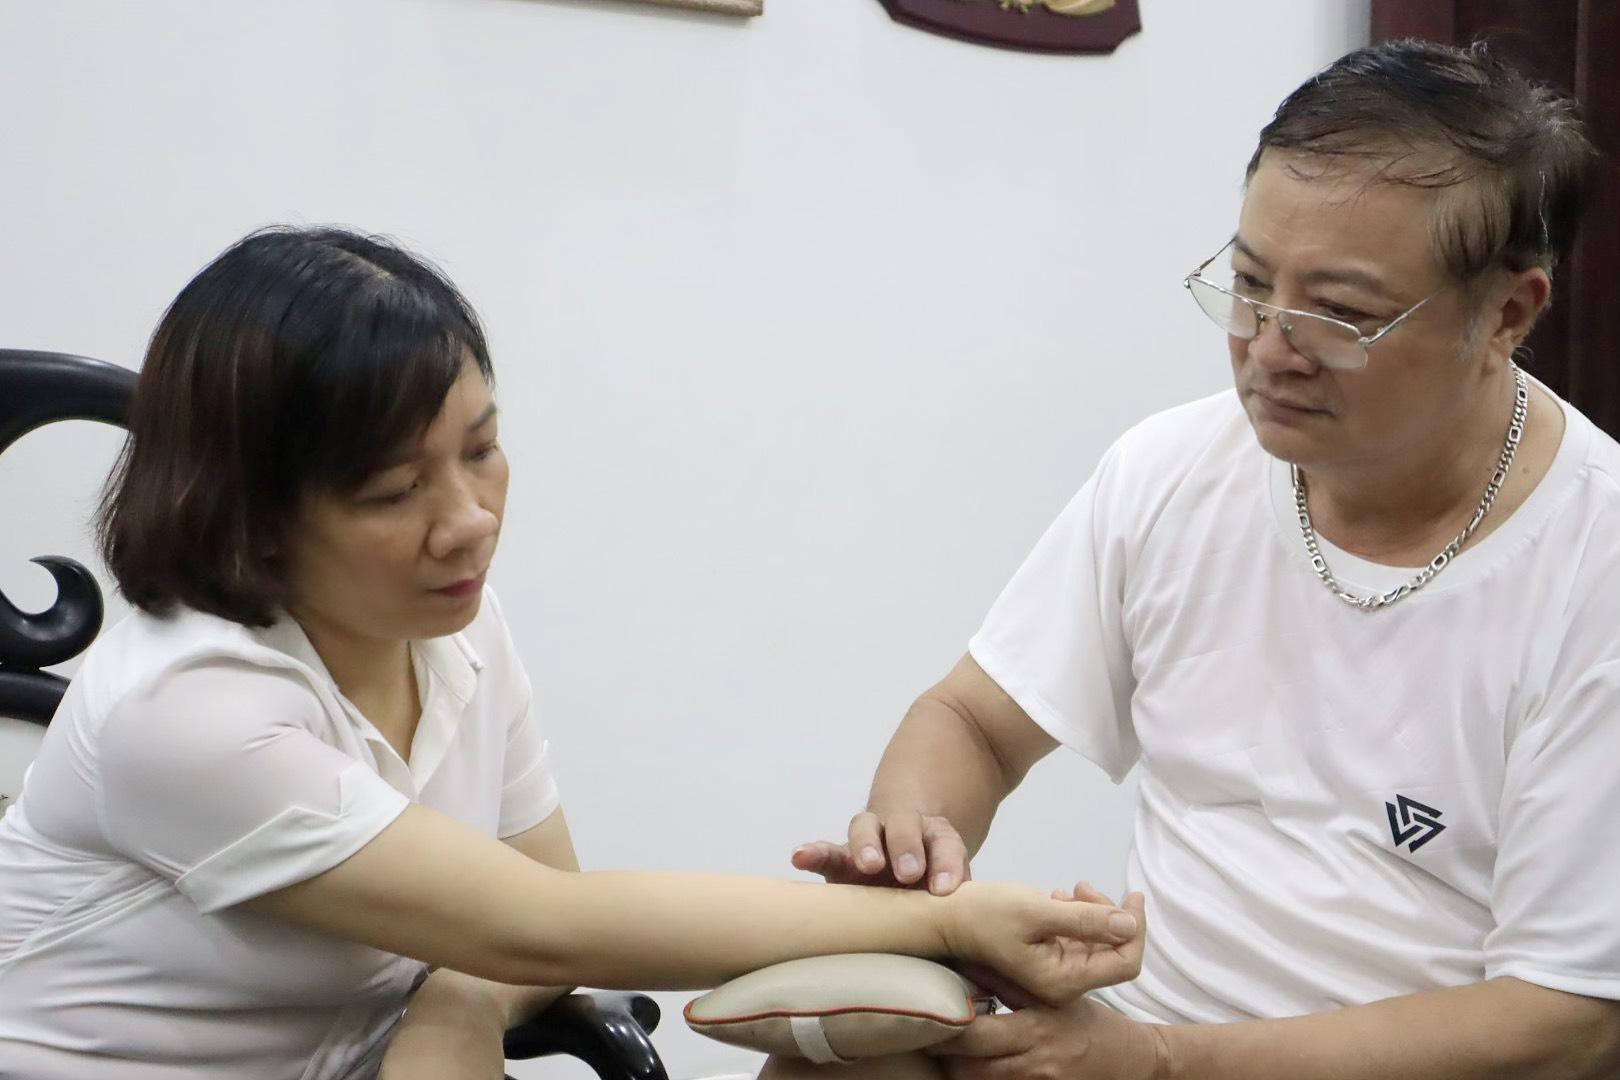 Một bệnh nhận tìm đến nhà lương y Trần Đình Nhâm để được thăm khám và chữa bệnh.